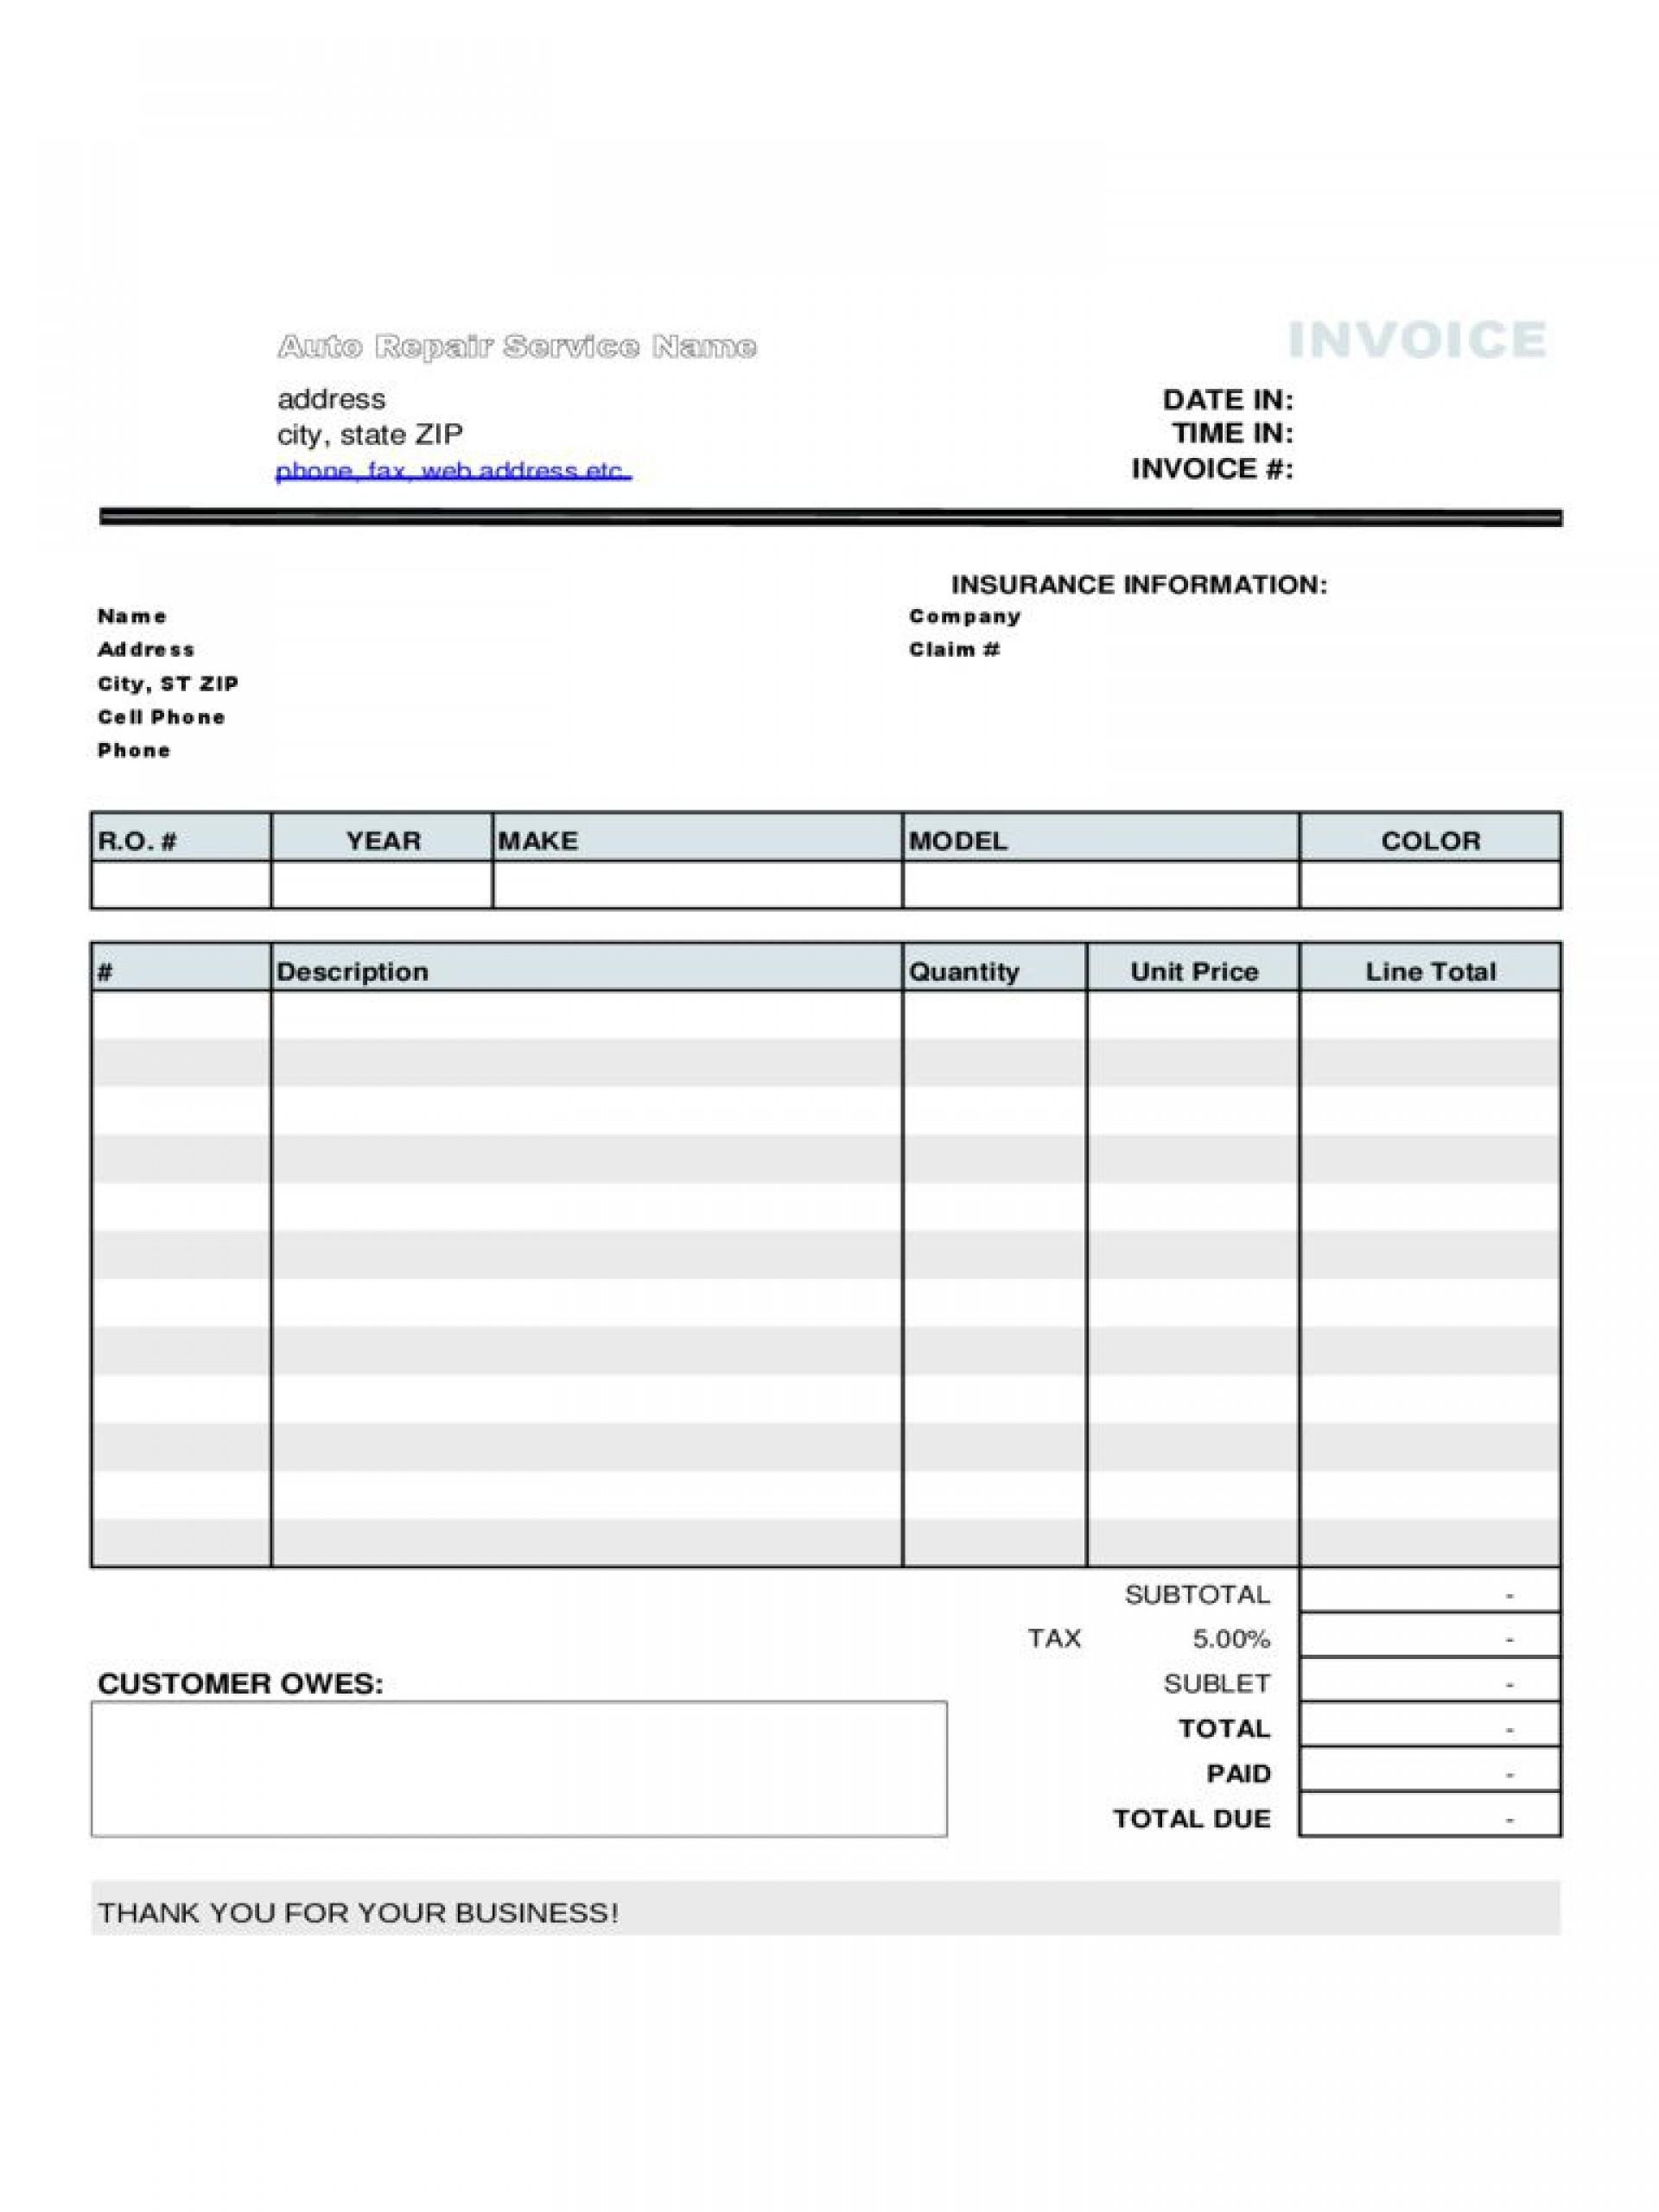 007 Excellent Automotive Repair Invoice Template Design  Free Auto Pdf Car Form1920